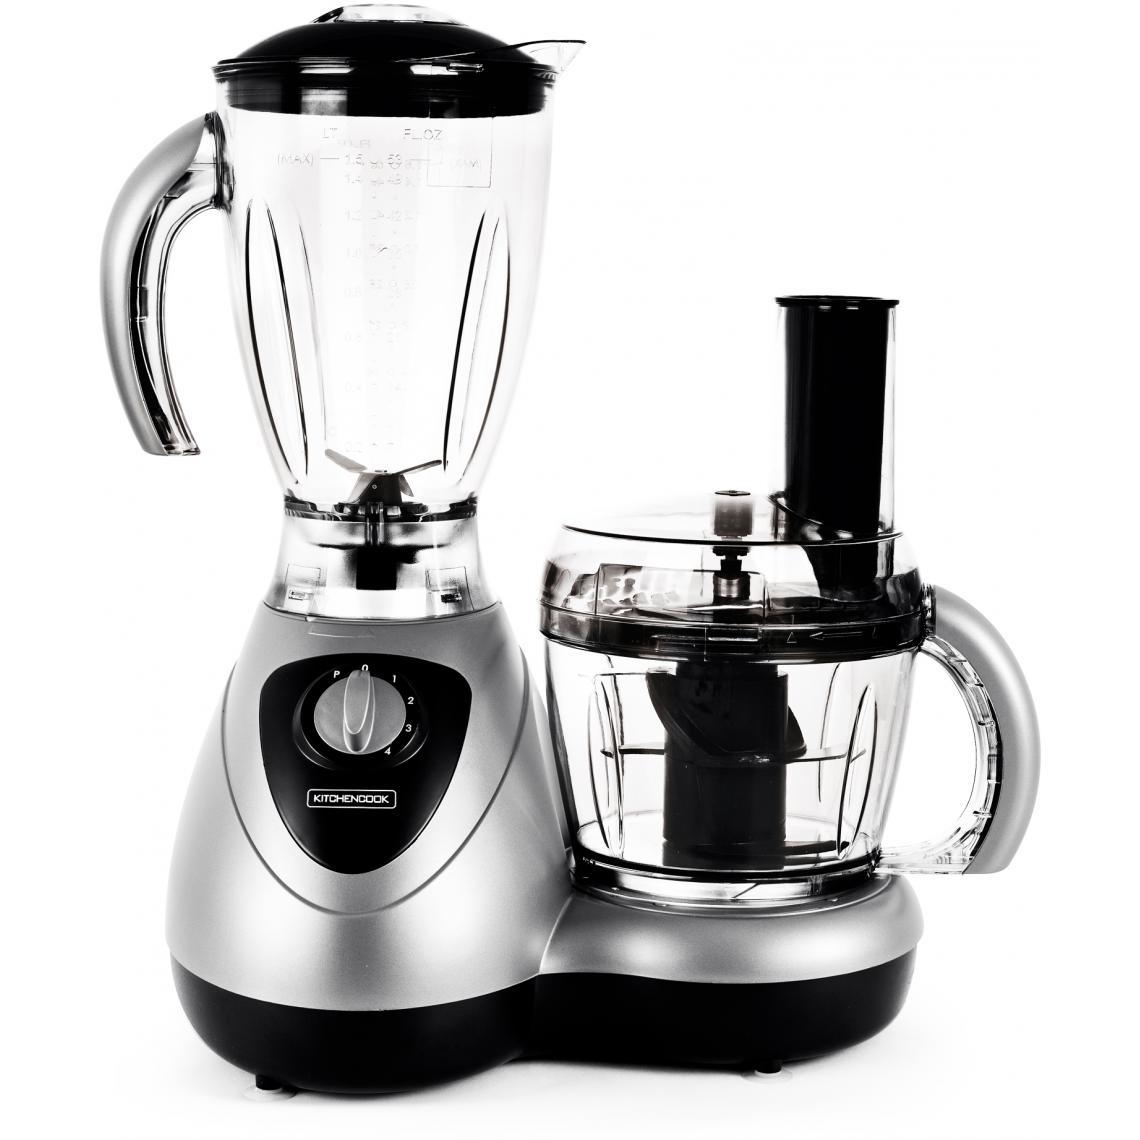 Kitchencook Blender Le Partenaire XL - 500W